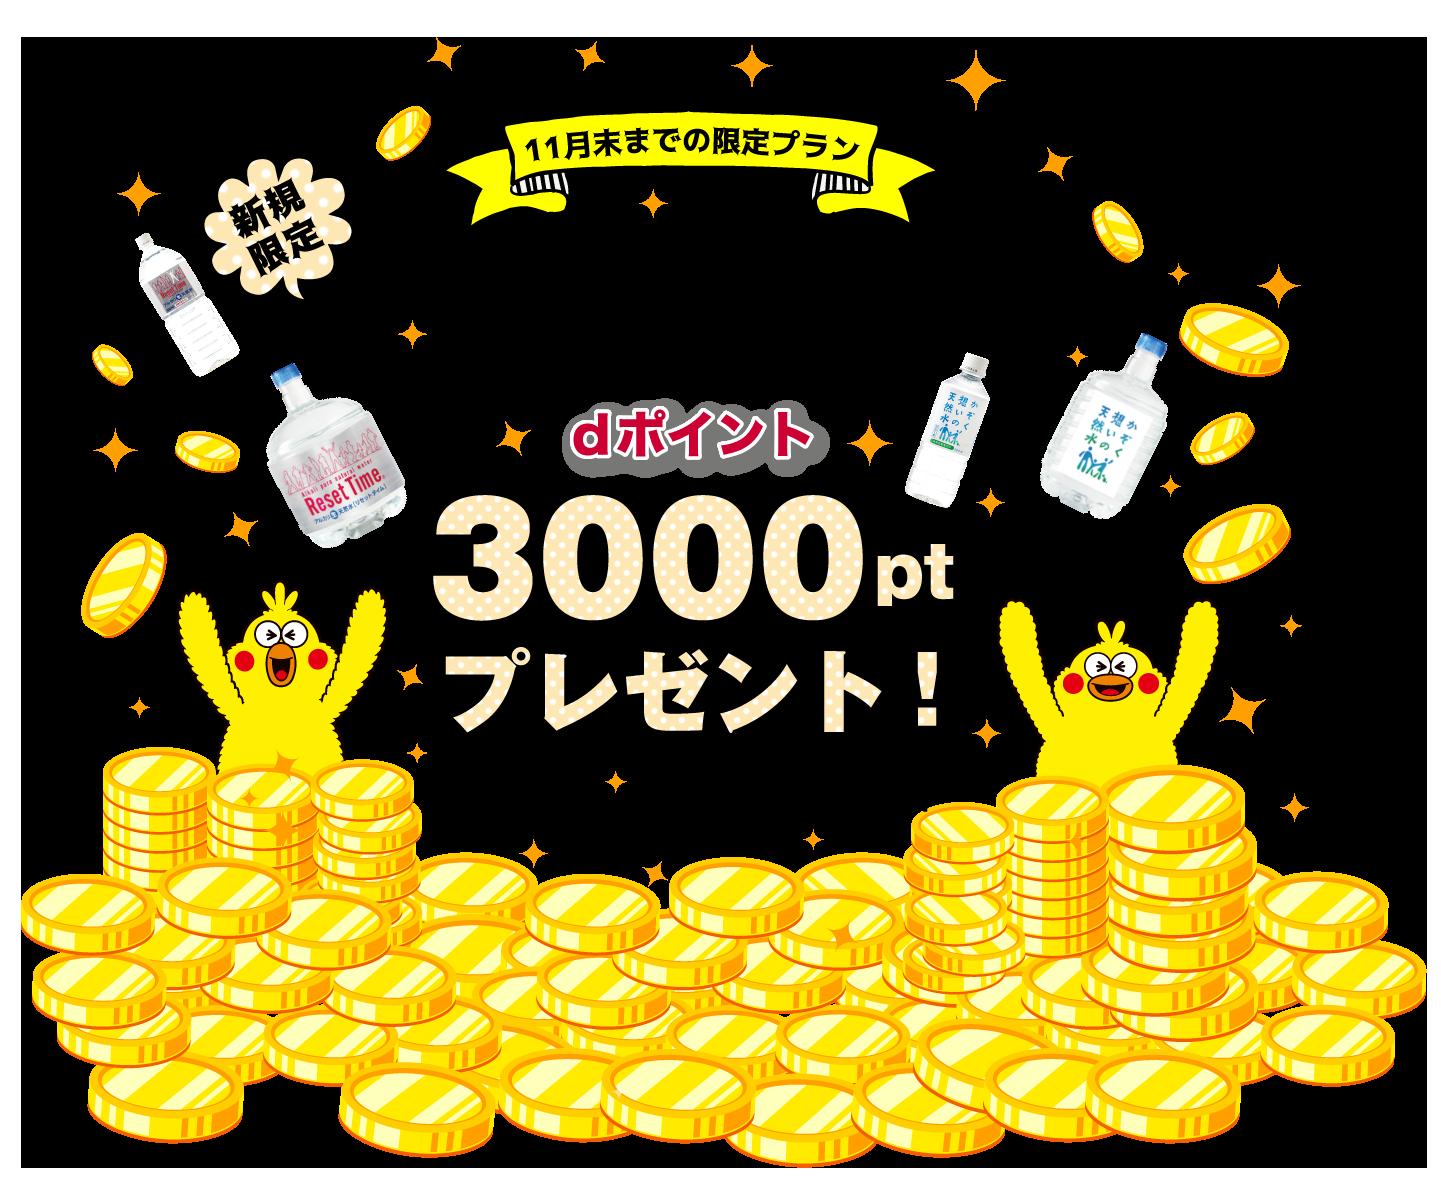 dポイント3,000ポイントプレゼント!